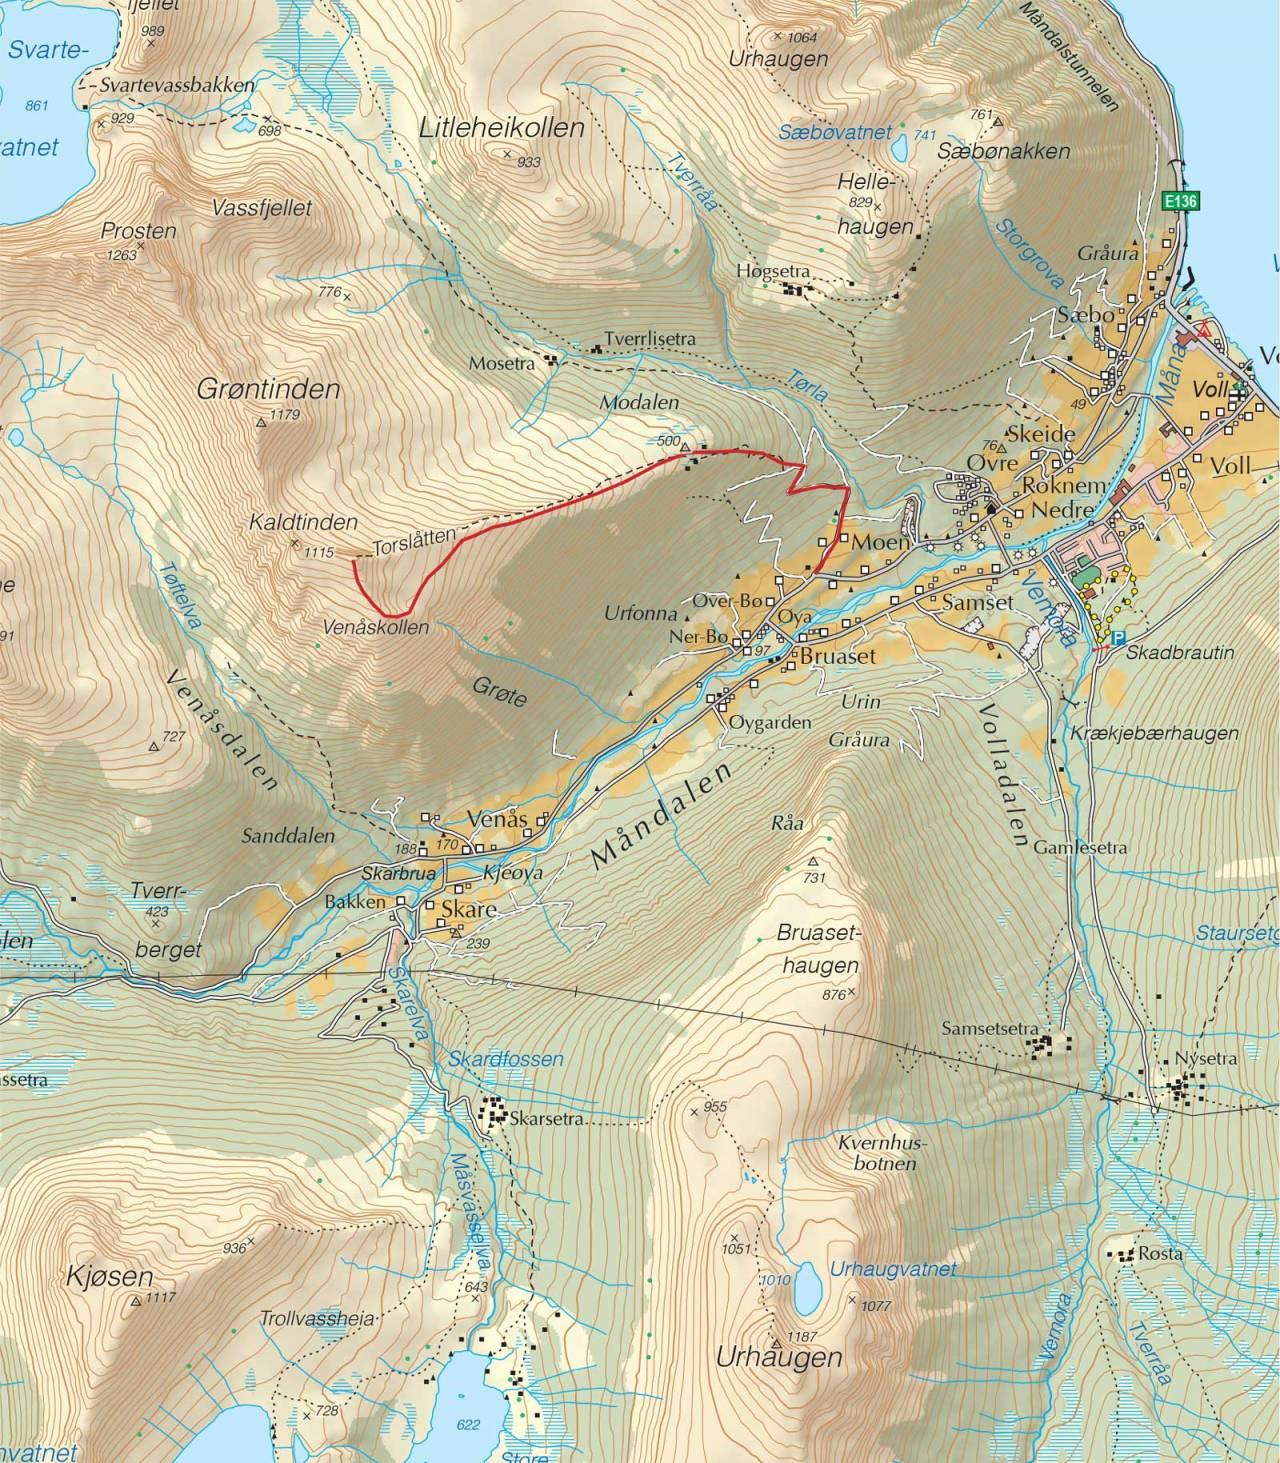 Kart over Kaldtinden med inntegnet rute. Fra Trygge toppturer.